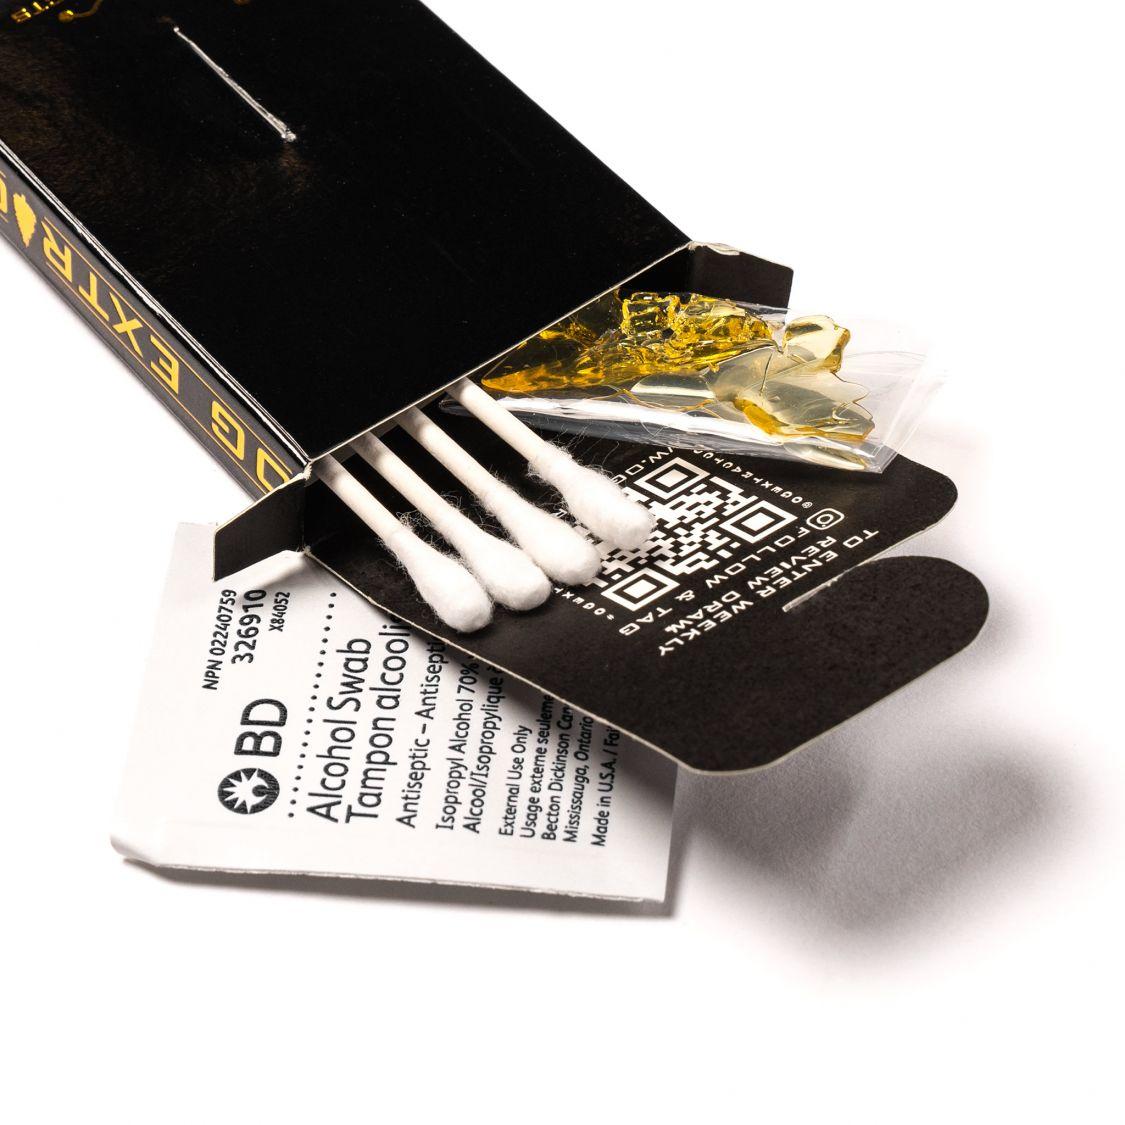 OG Extracts Banana OG Shatter Concentrates Shatter